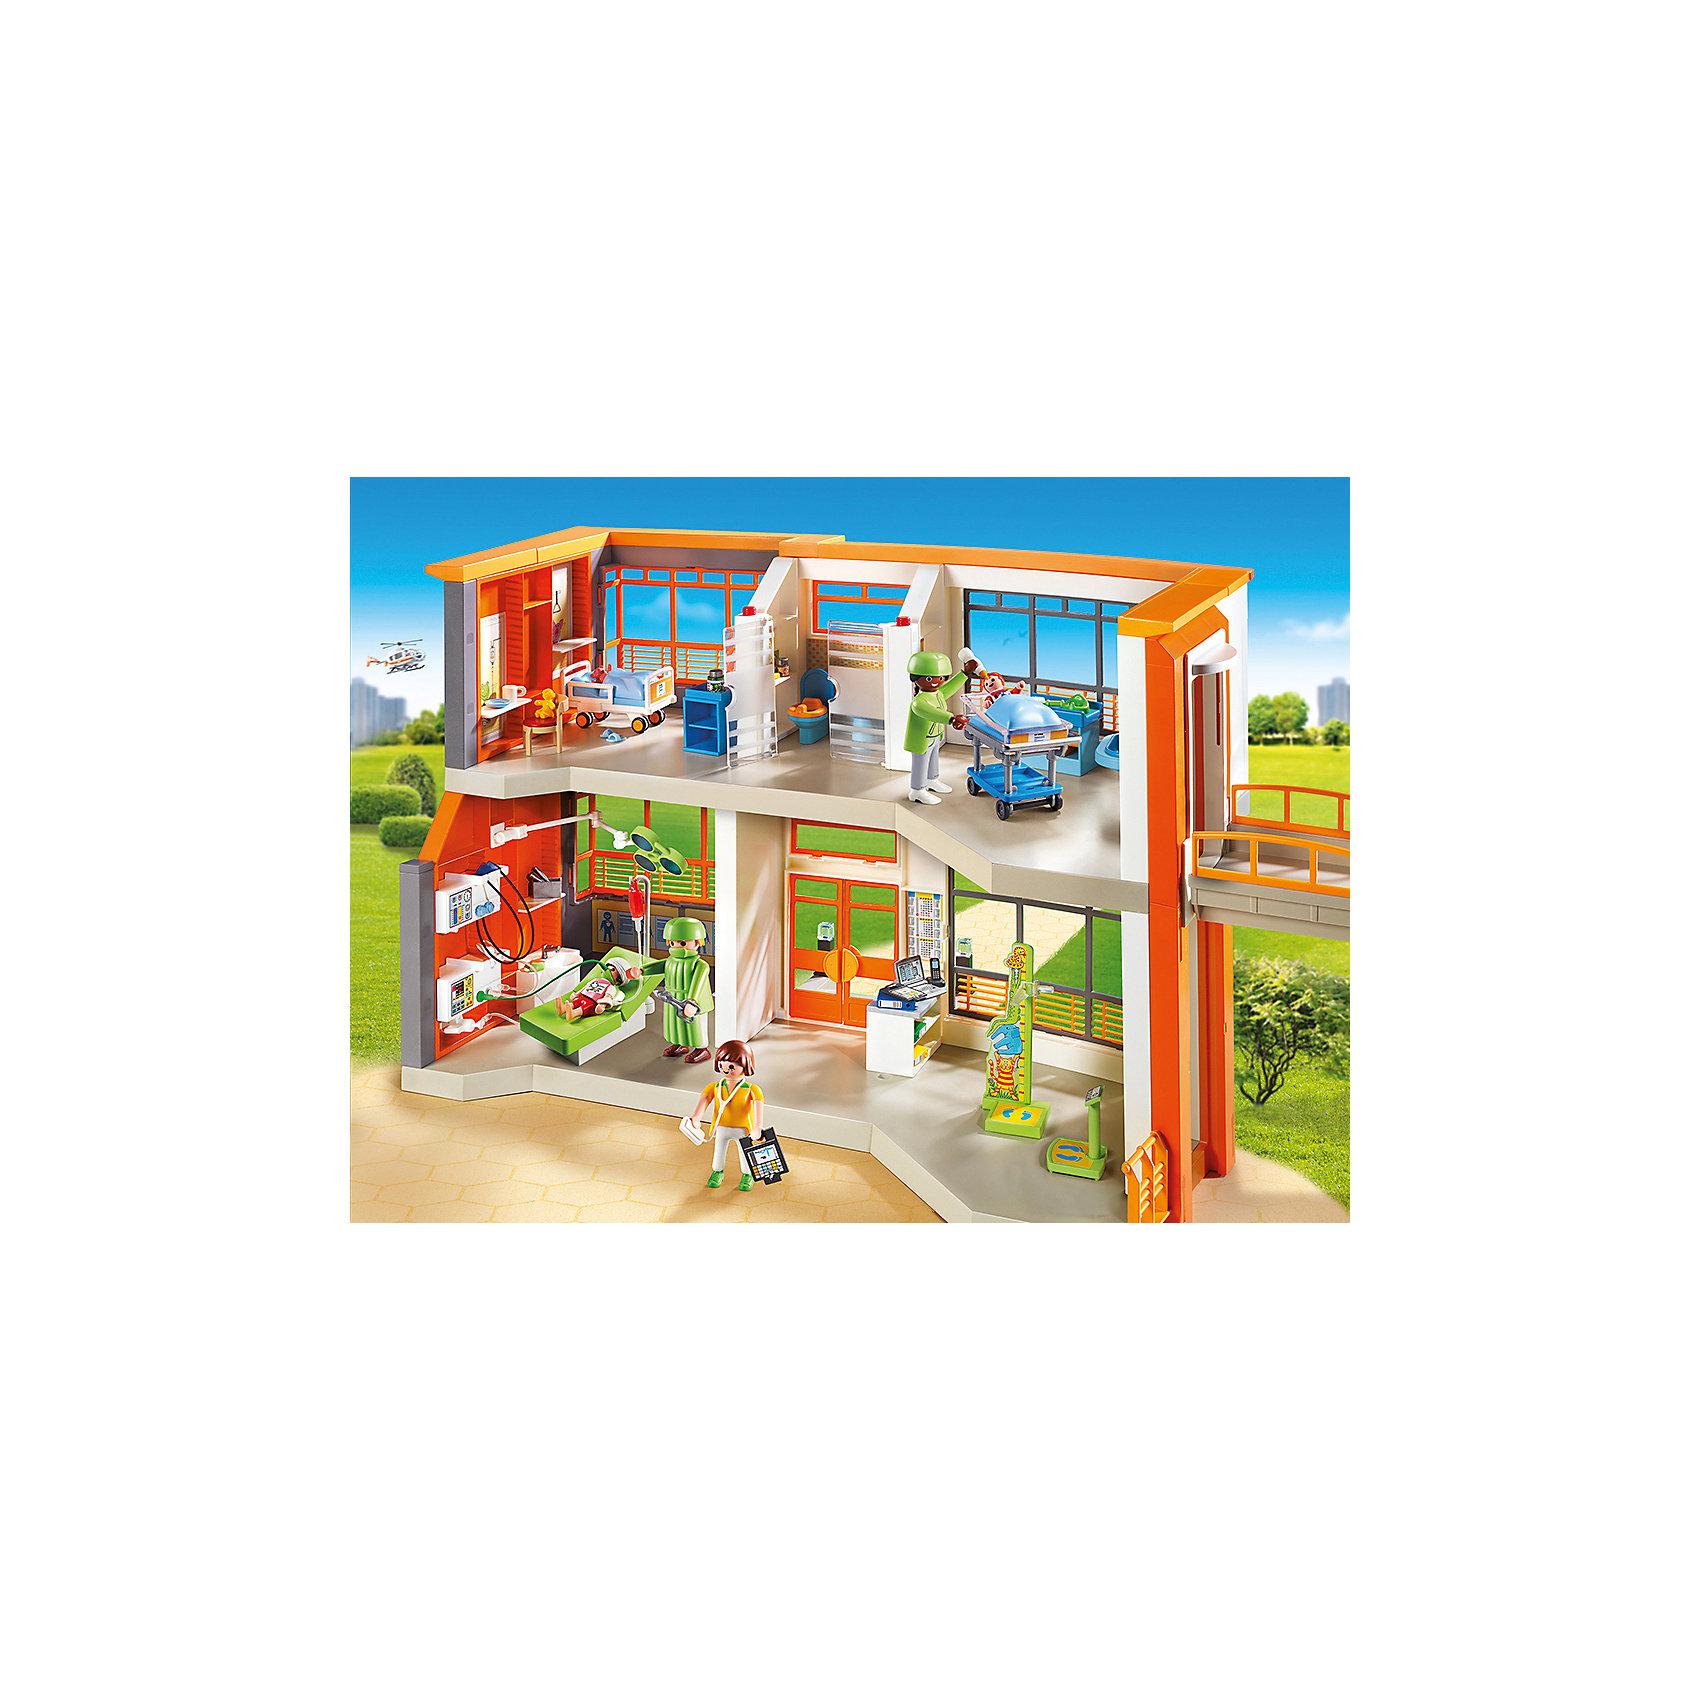 PLAYMOBIL® Детская клиника: Меблированная детская больница, PLAYMOBIL playmobil® детская клиника рентгеновский кабинет playmobil